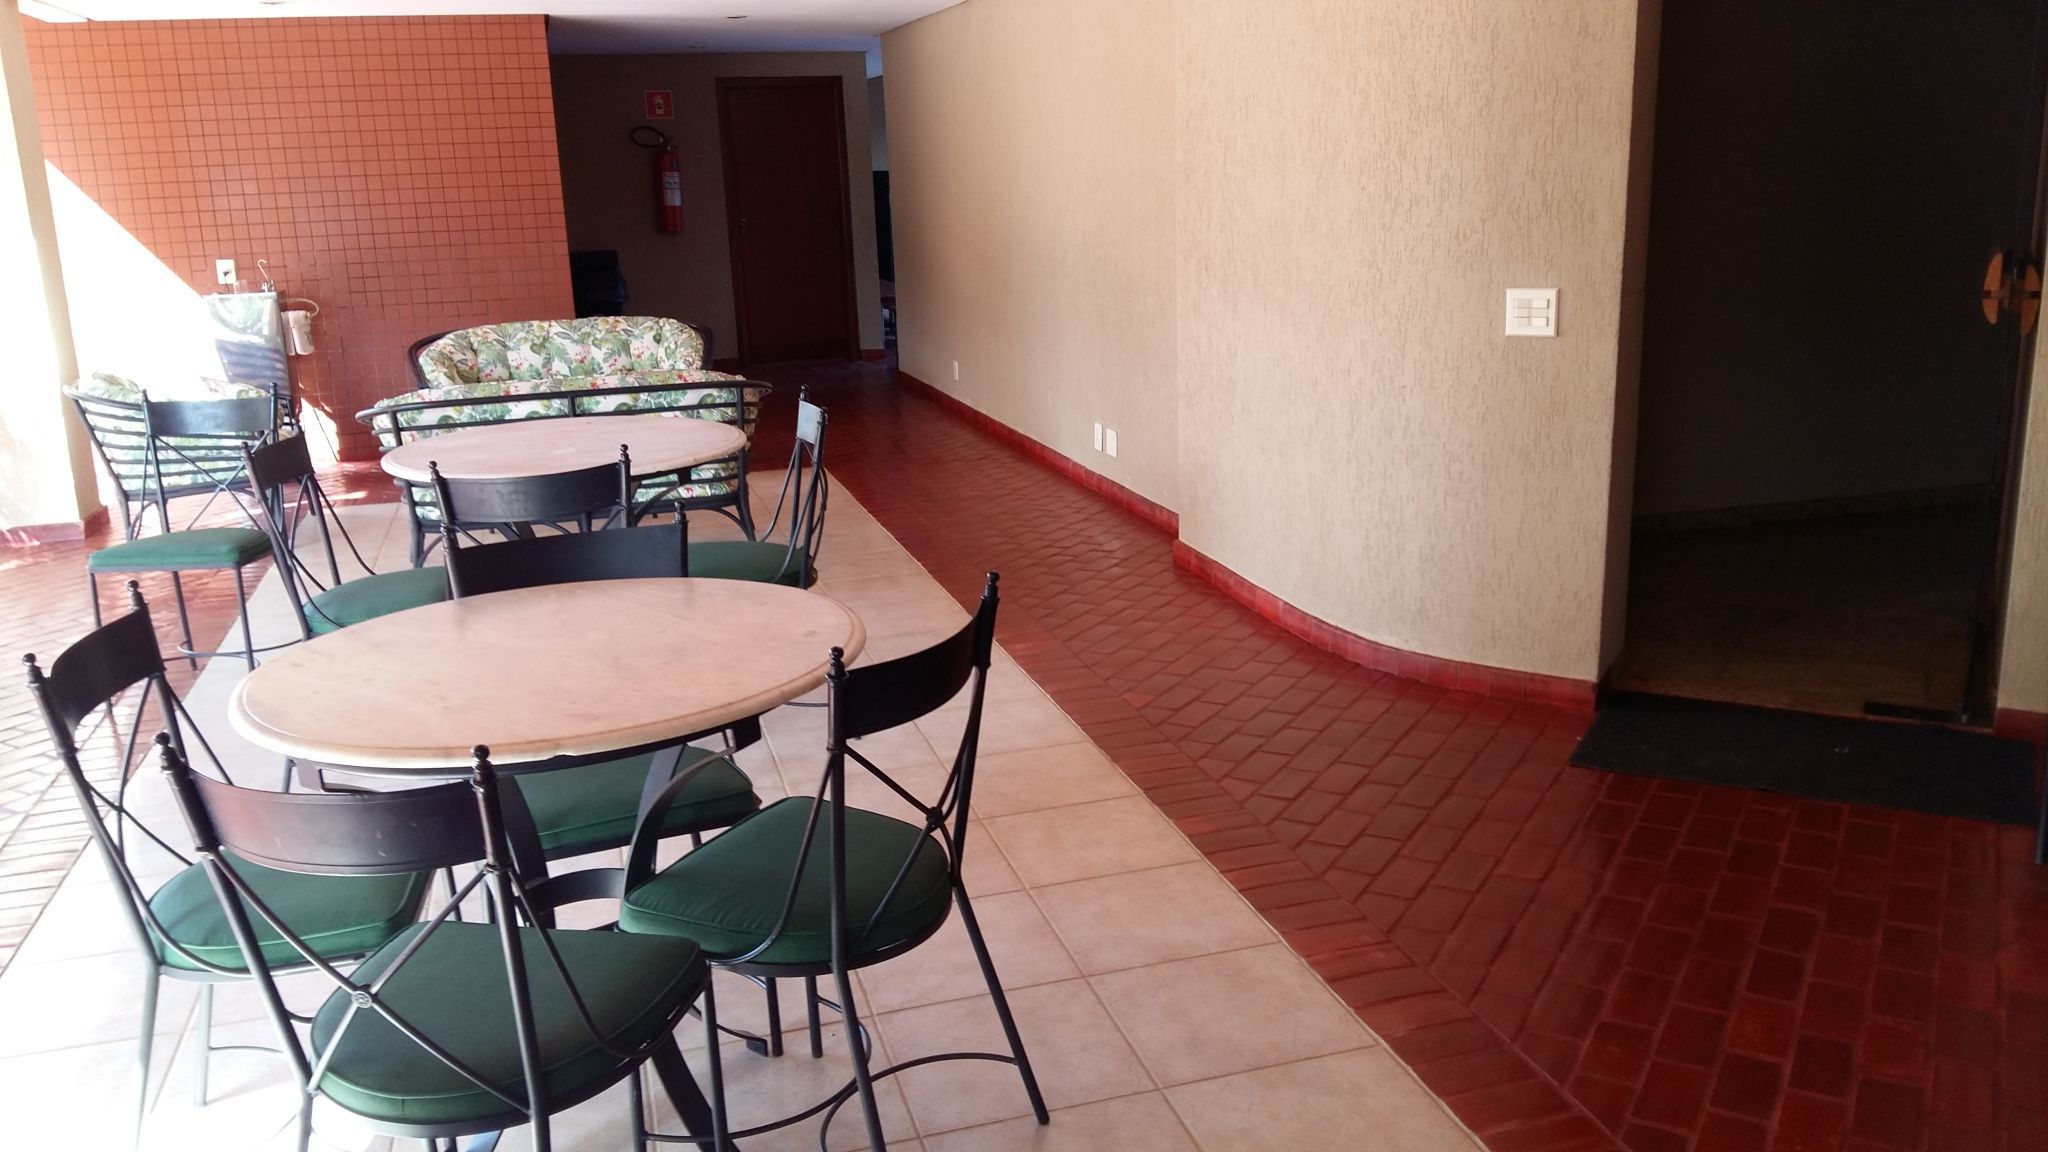 111 - Vila Seixas Pereira Alvim